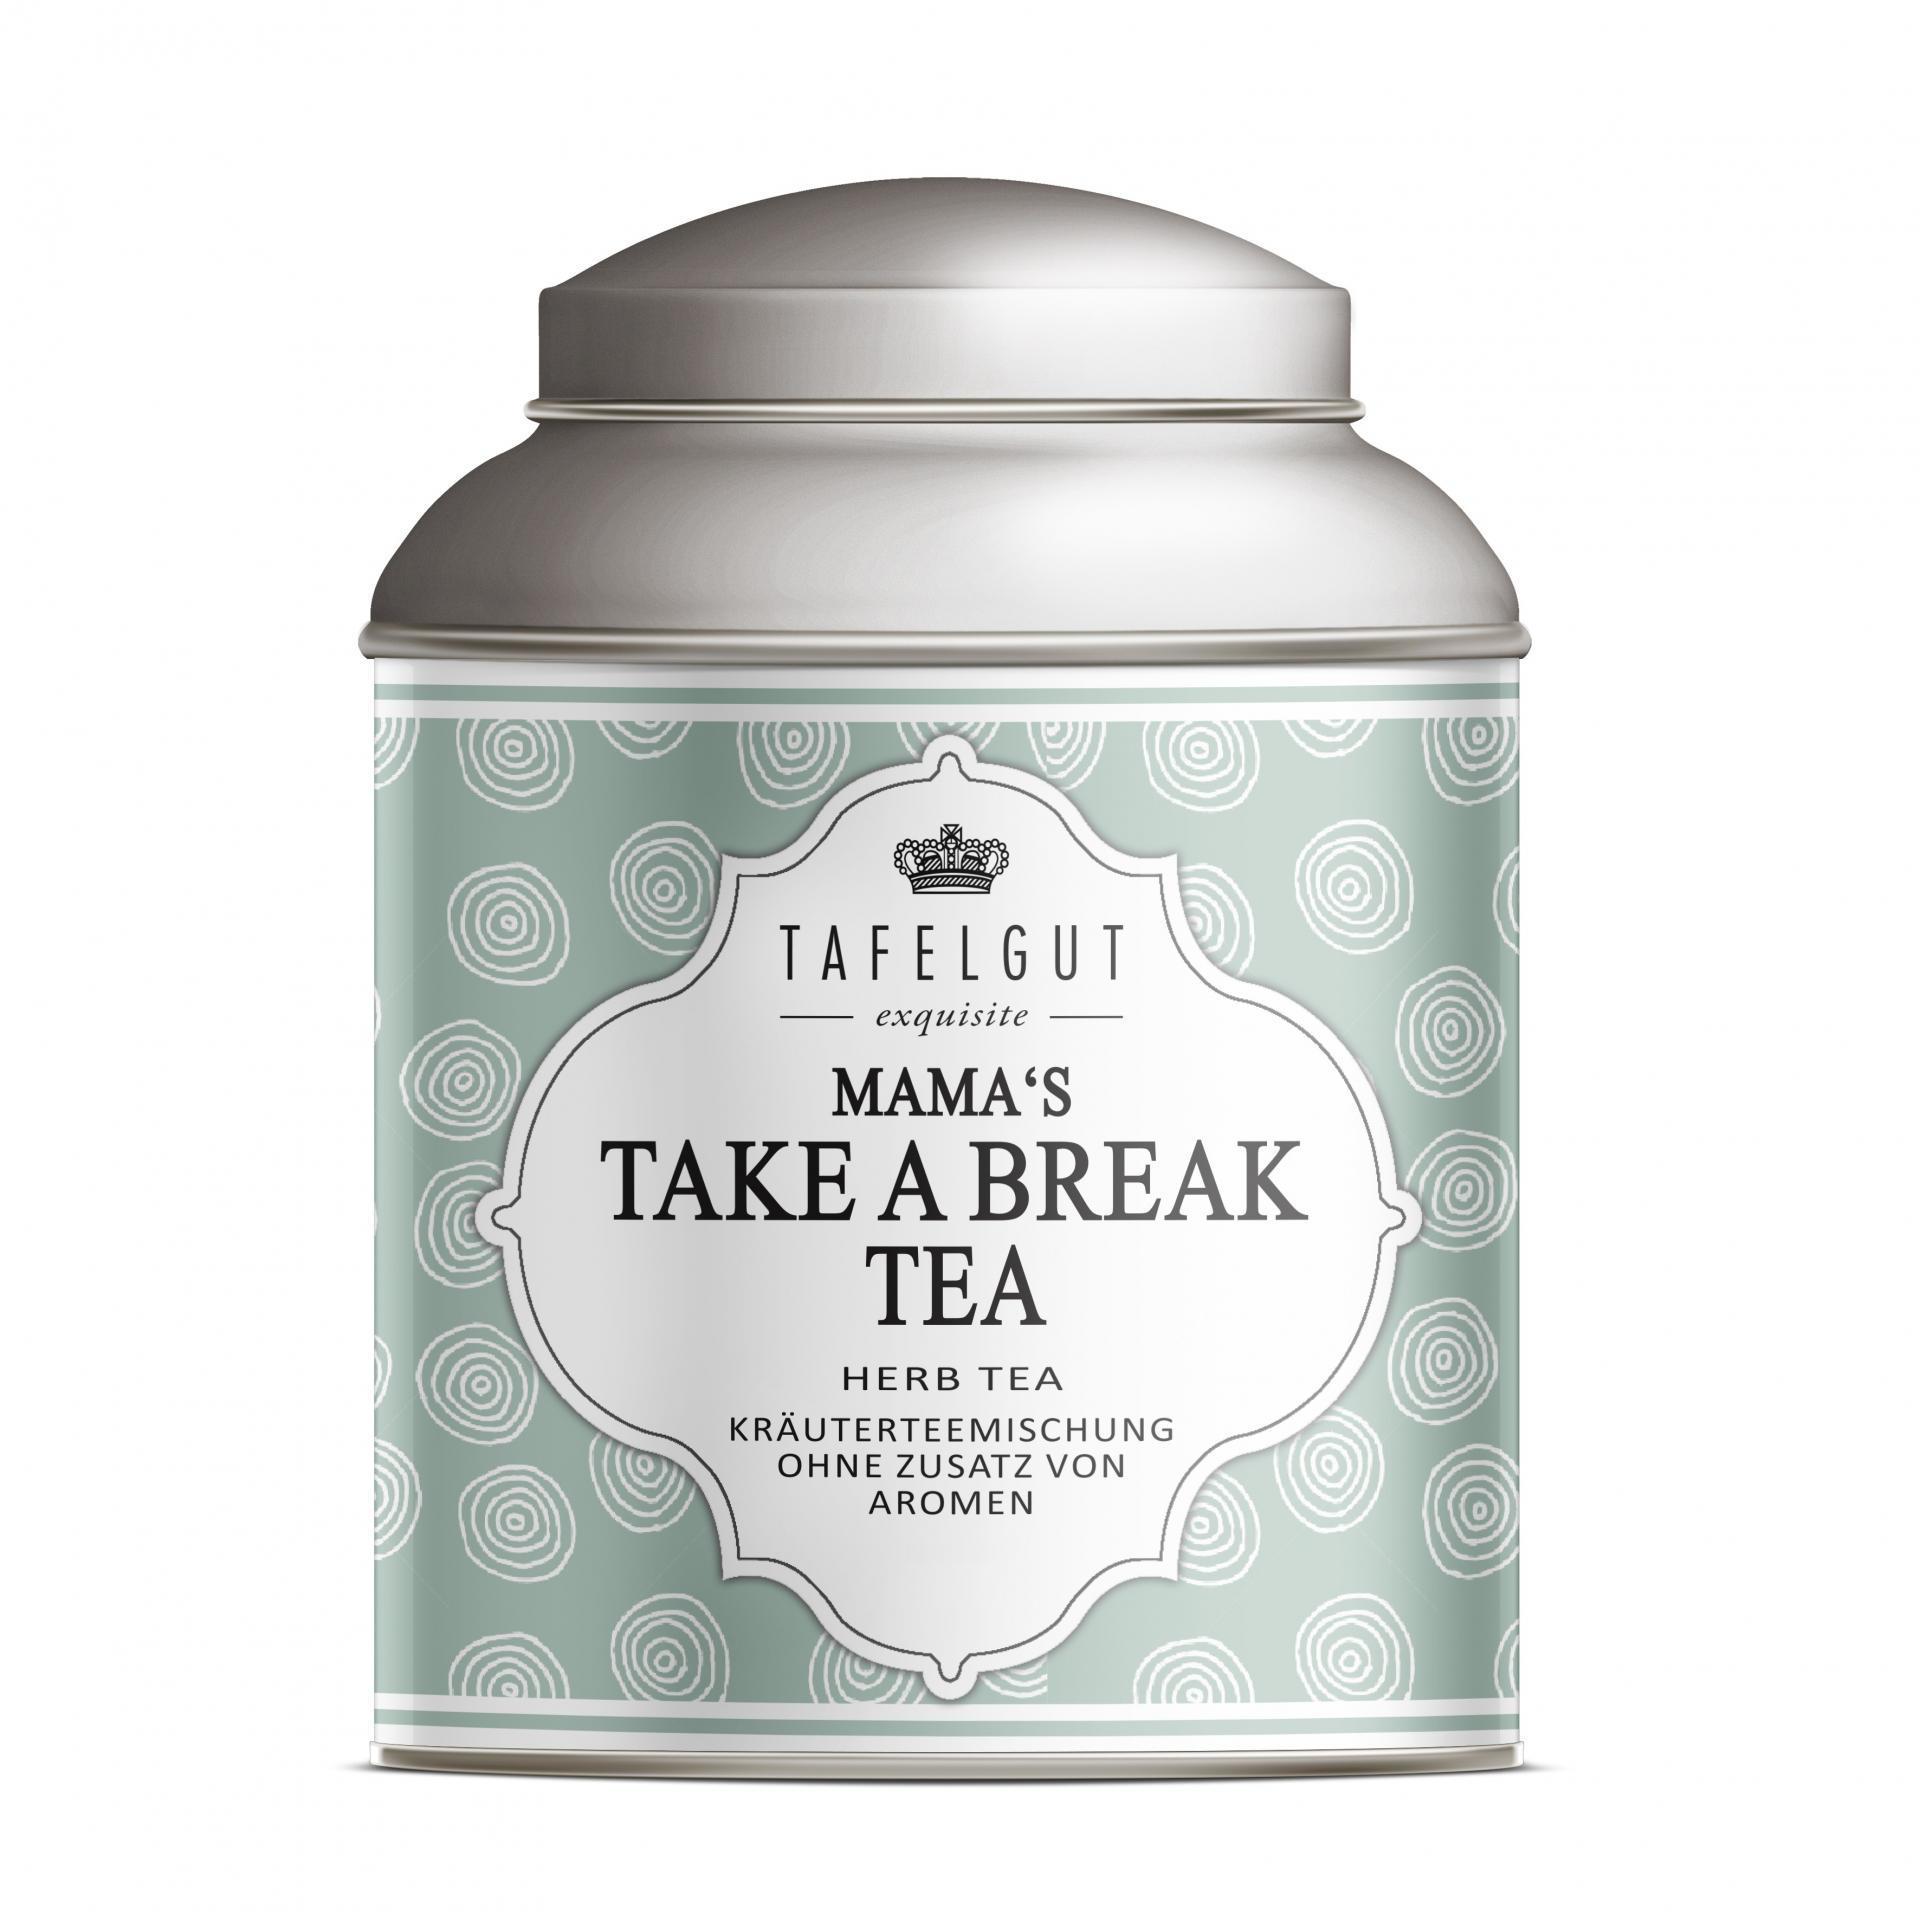 TAFELGUT Mini bylinný čaj pro maminky Take a Break - 10 gr, růžová barva, bílá barva, kov